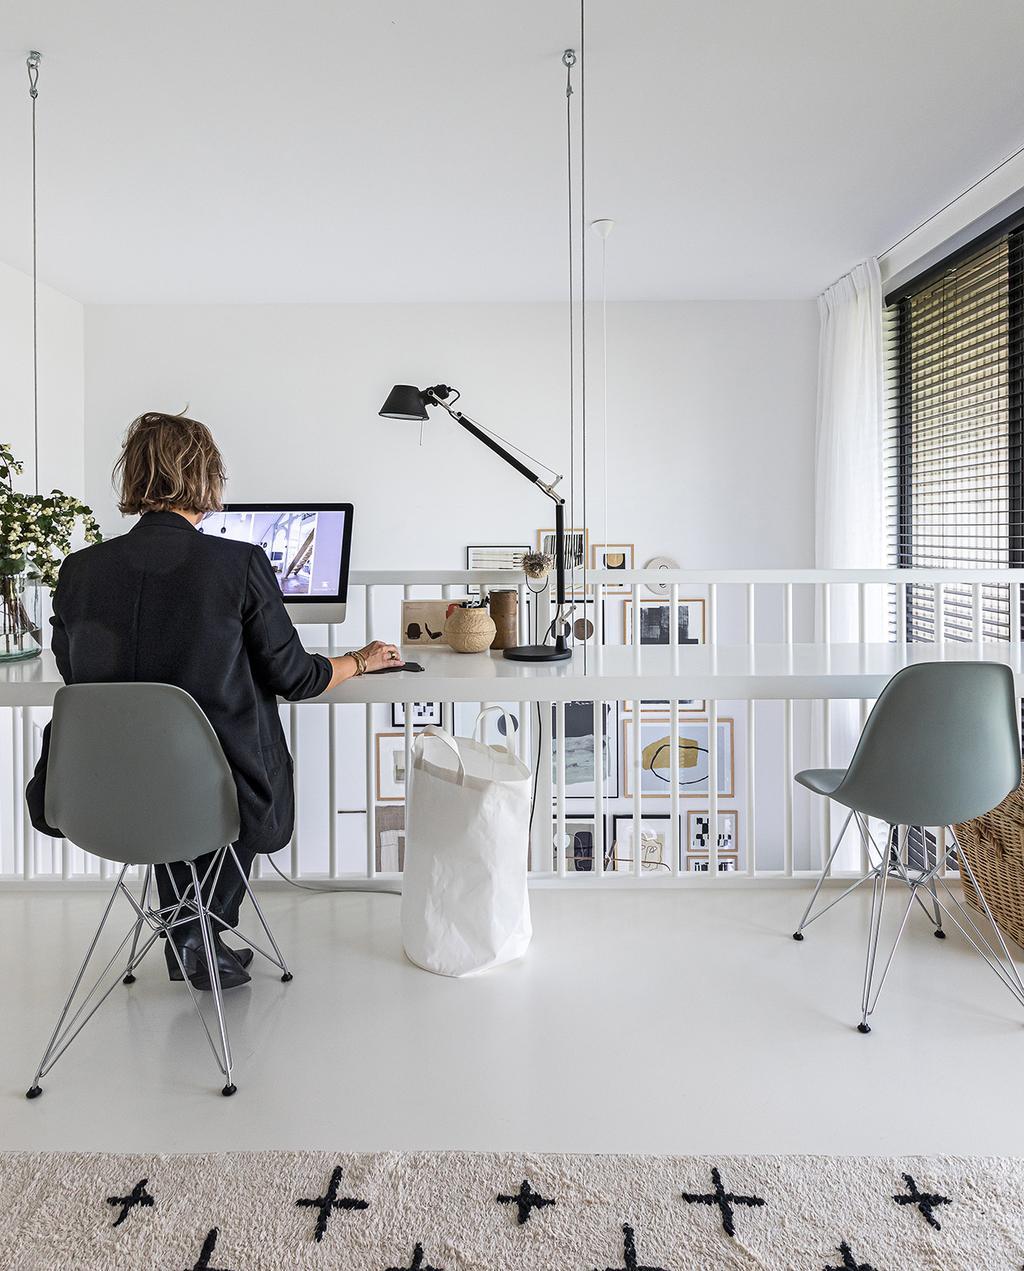 vtwonen 04-2021 | balustrade met thuiswerkplek voor kantoor